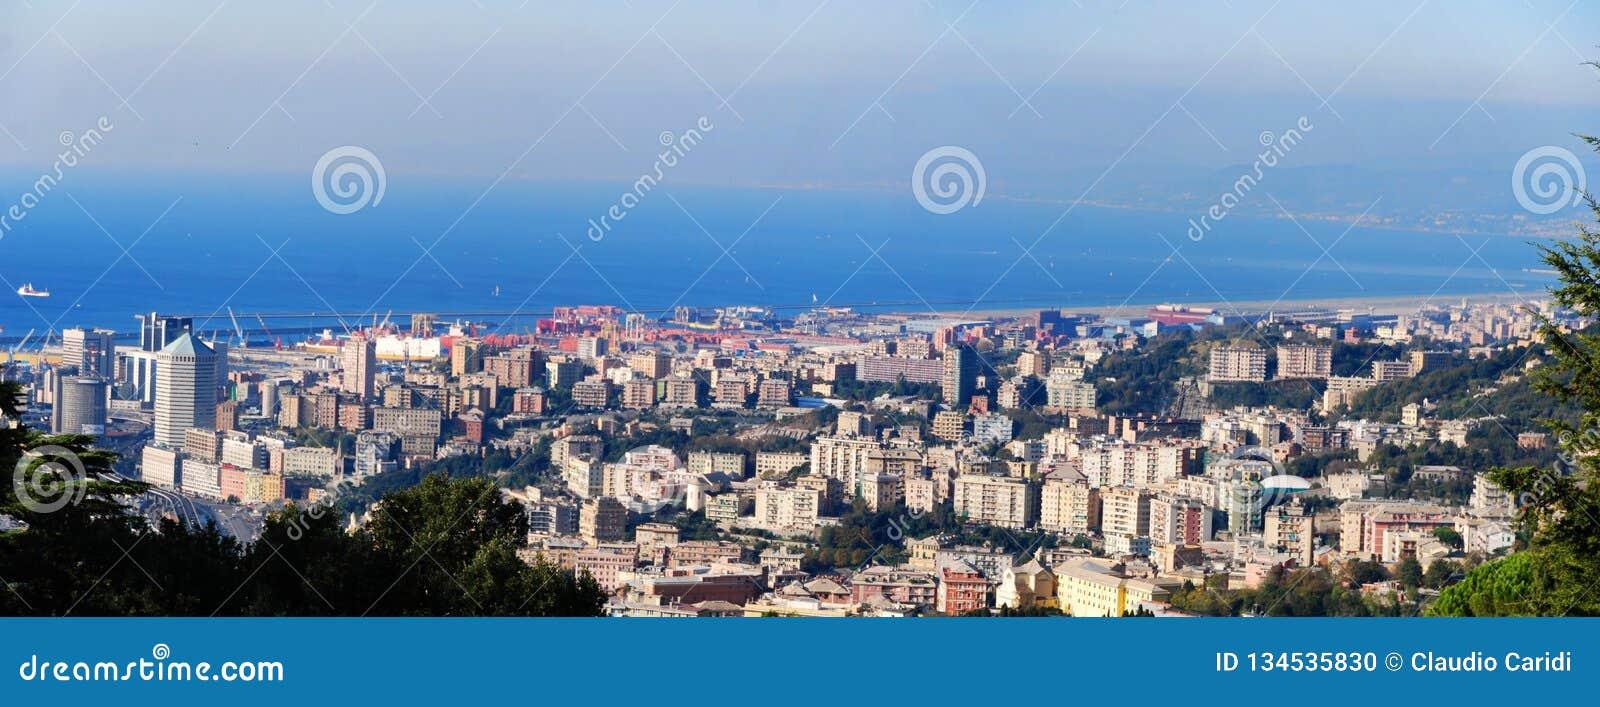 Vue panoramique du port de Gênes, Italie